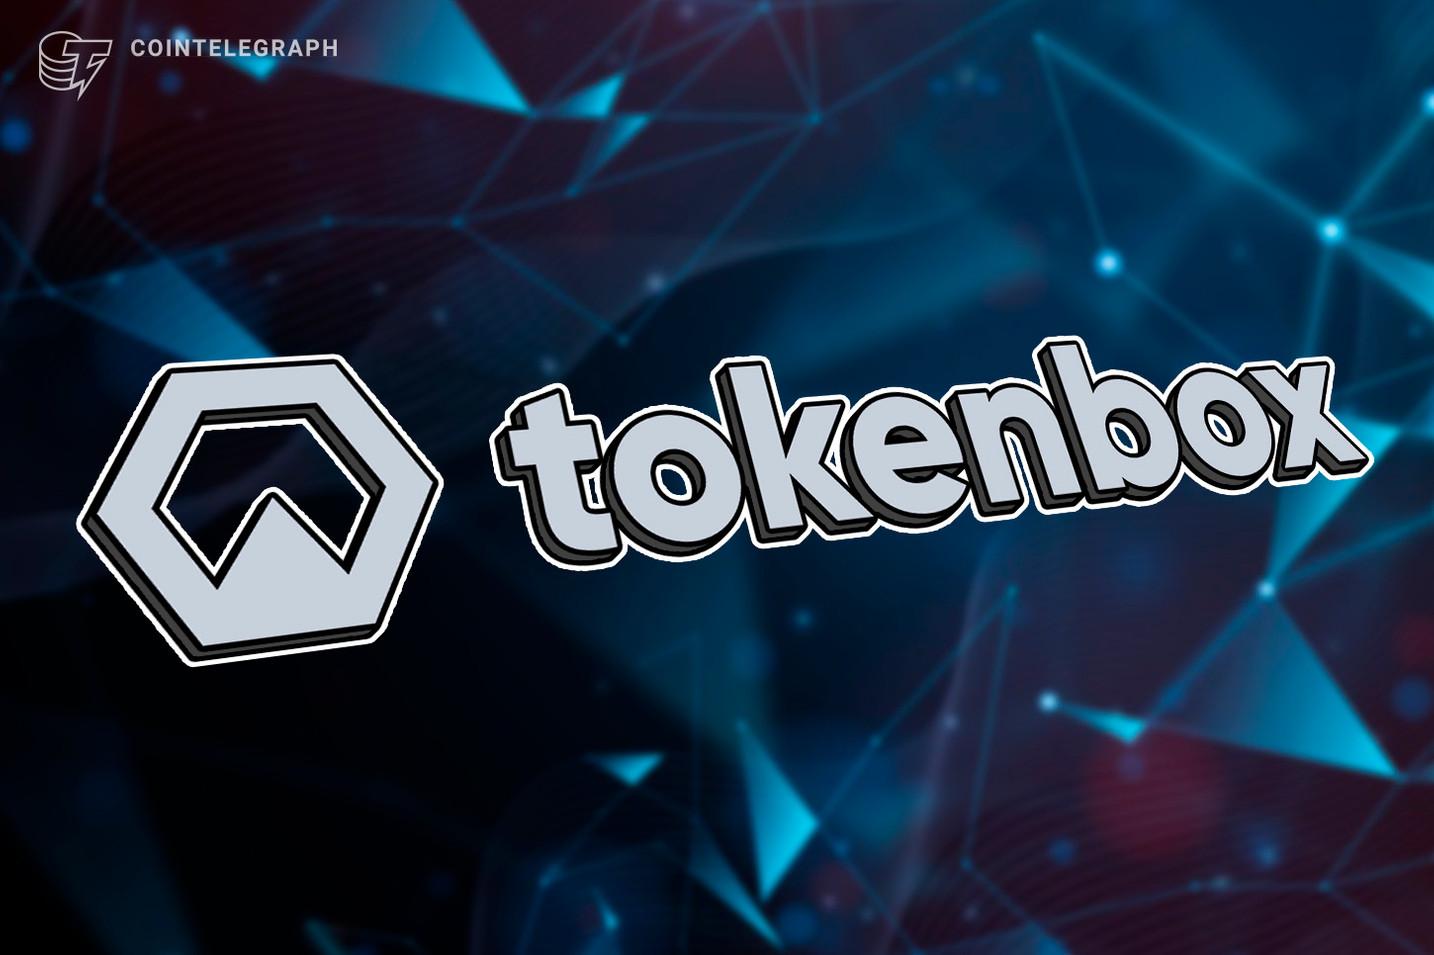 Il concorso di Tokenbox è terminato: un milione di TBX ai vincitori!